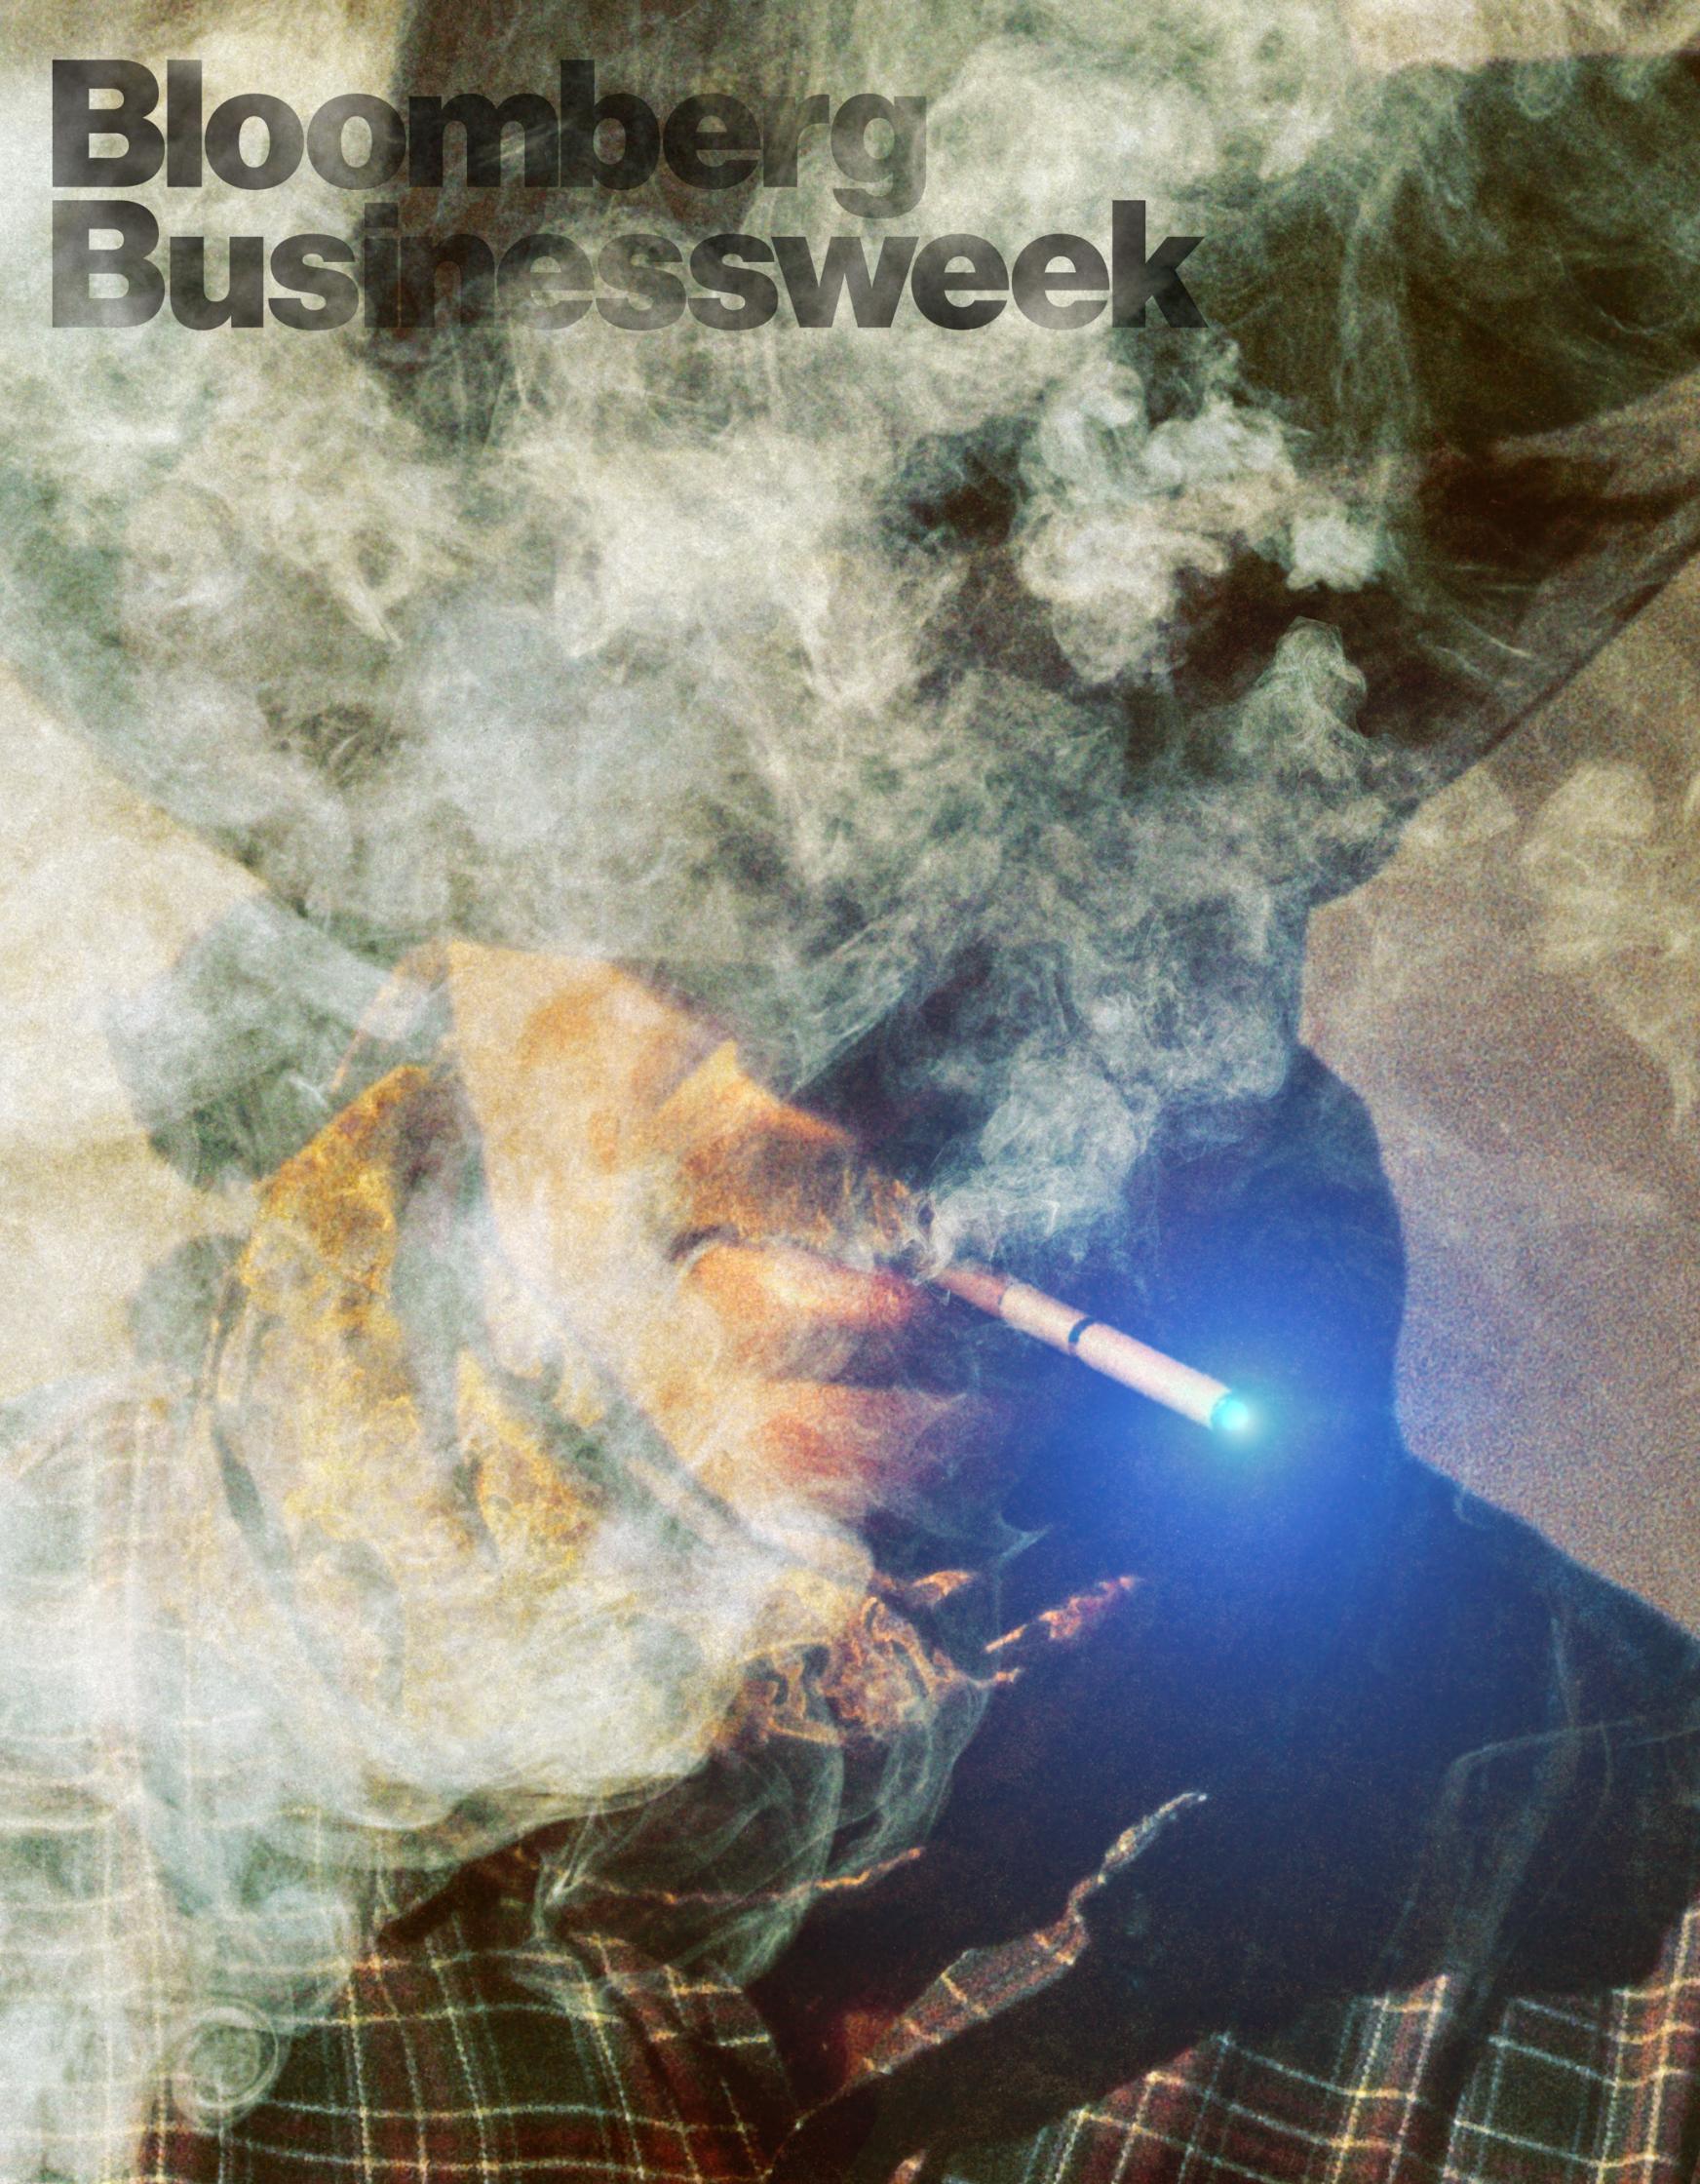 E-Cigarettes / Bloomberg Businessweek